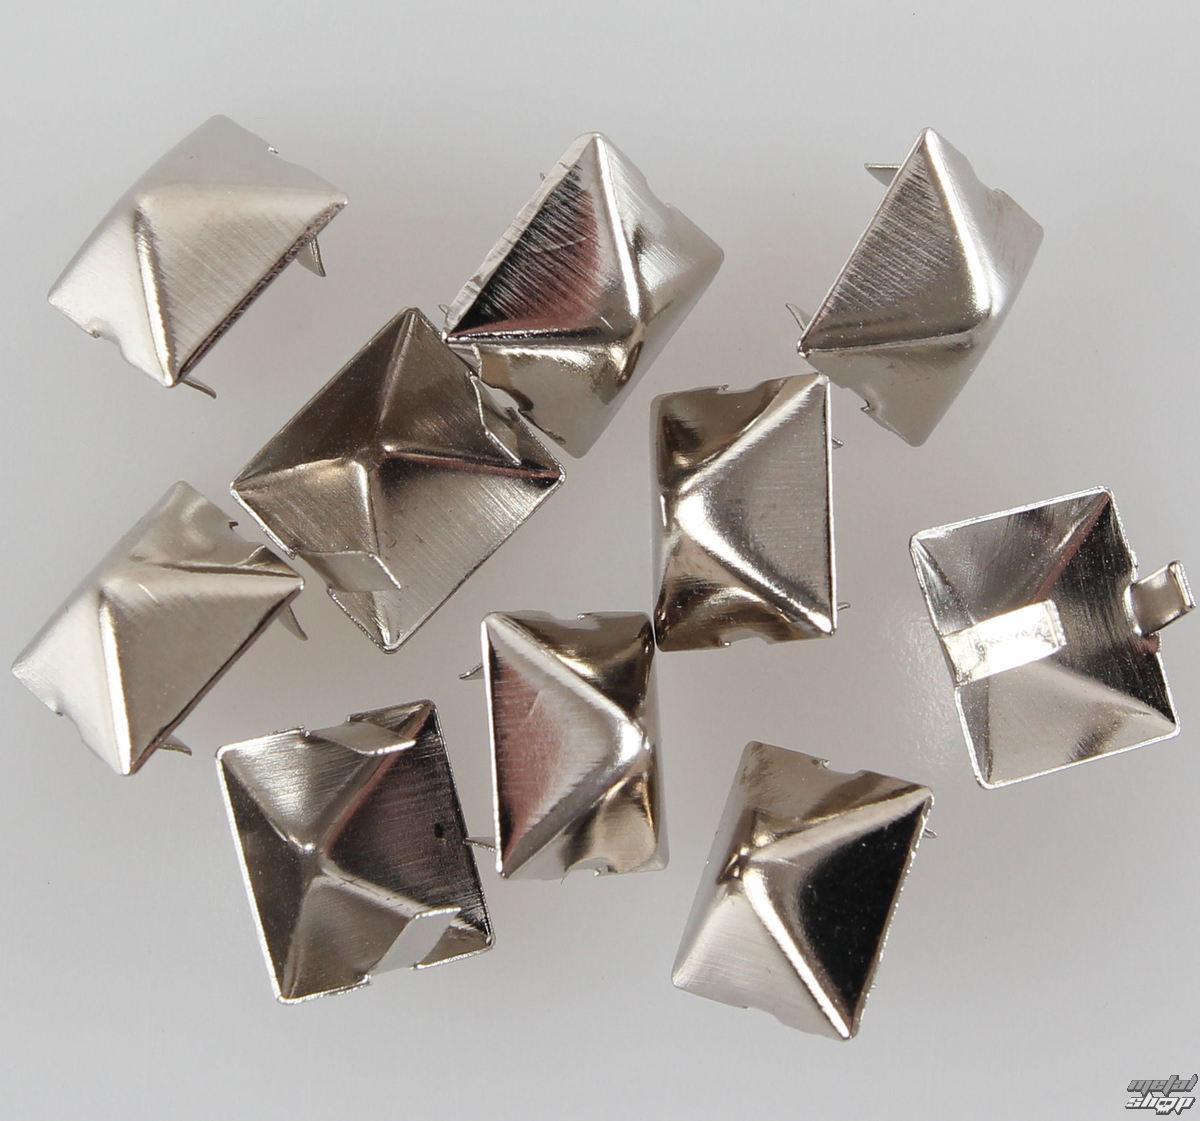 pyramídy kovové - 10ks - CW-044